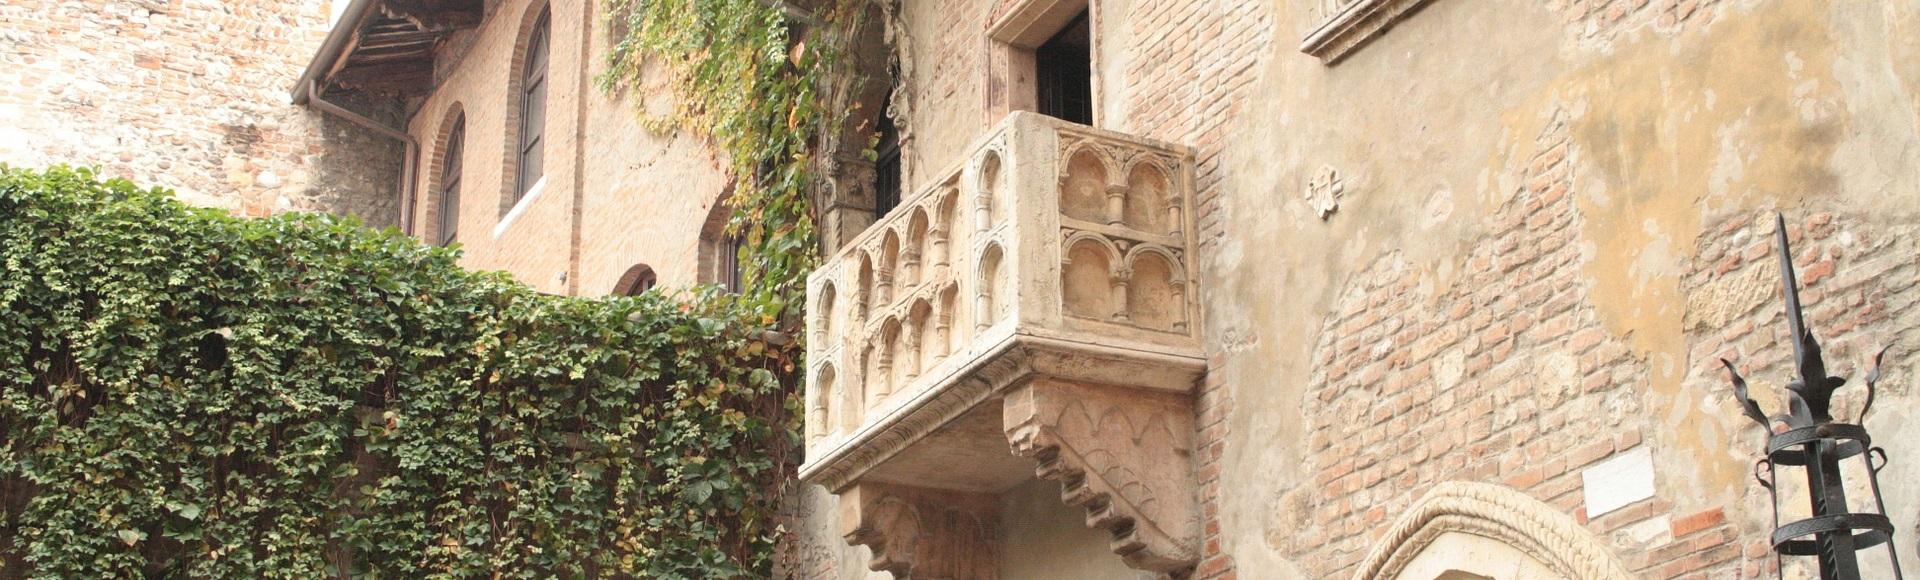 Visita Verona